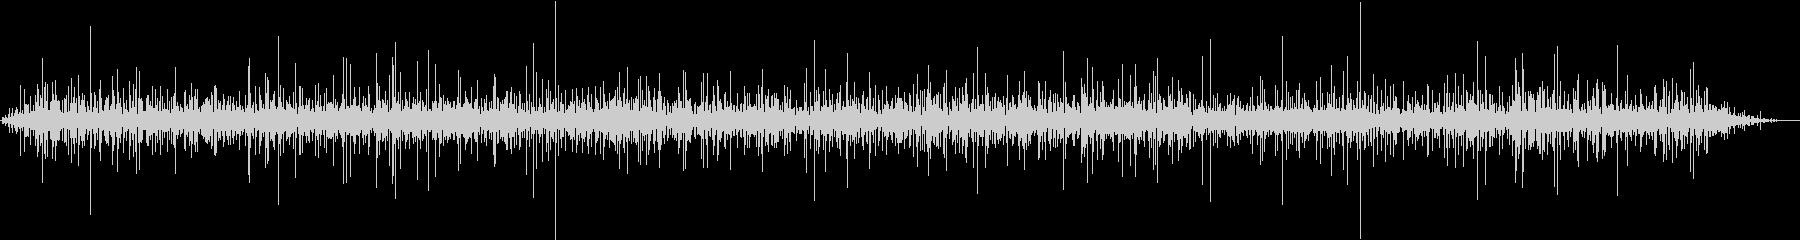 【生録音】側溝に水が流れる音 2の未再生の波形